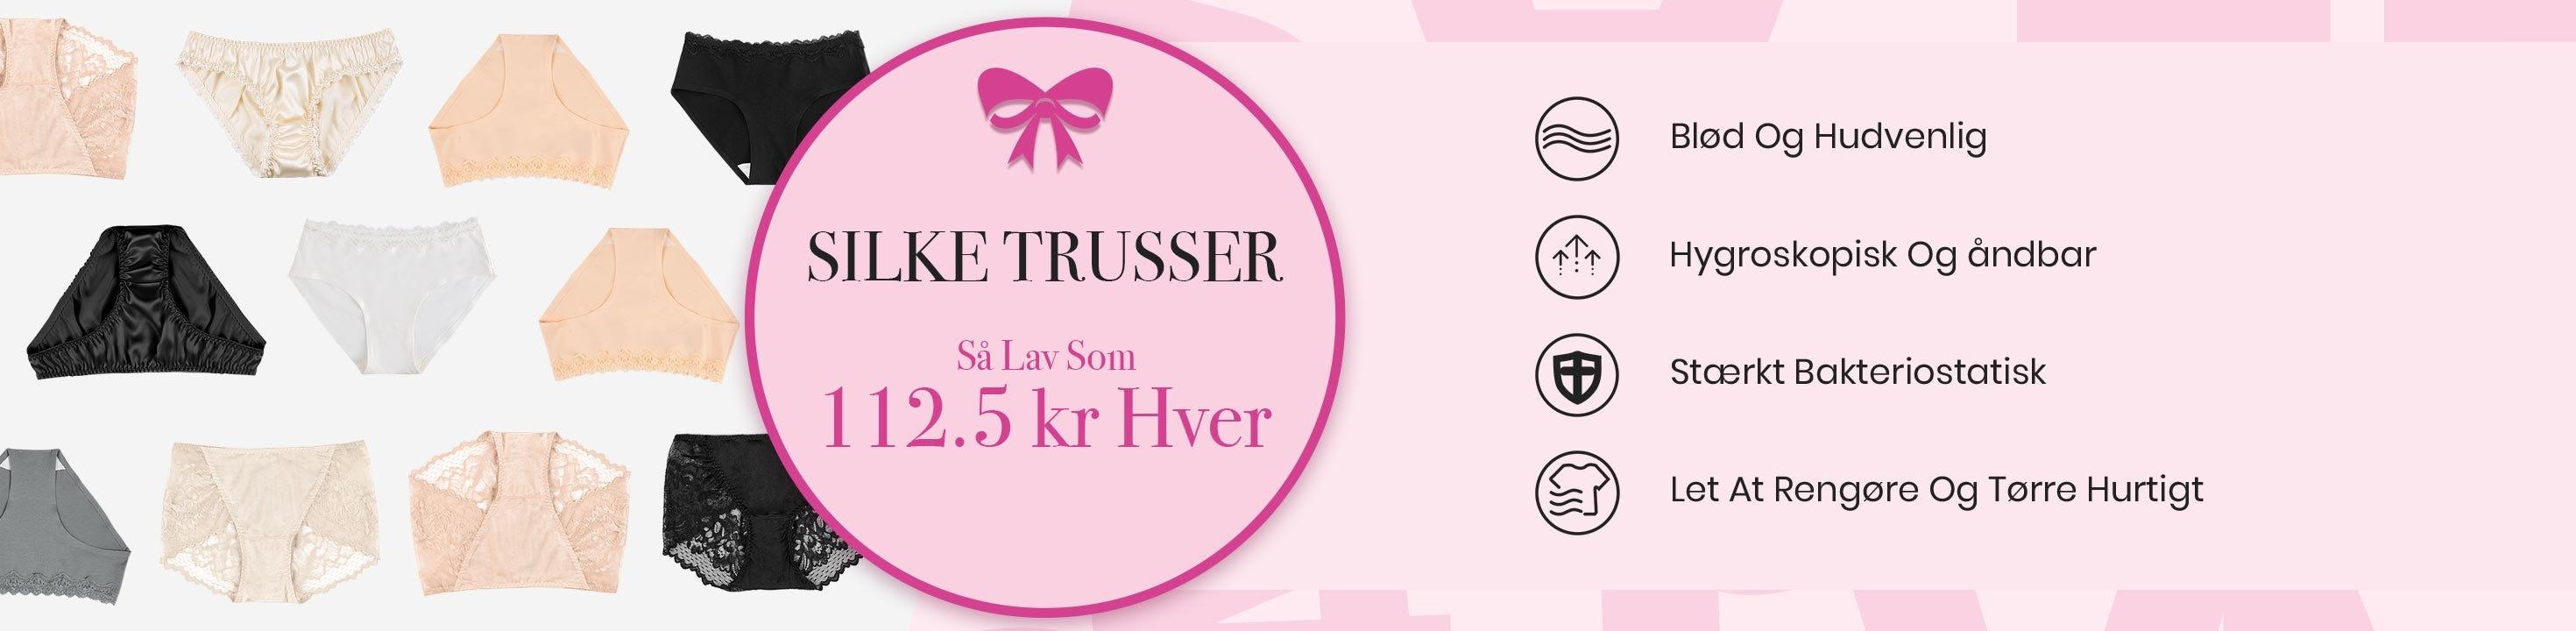 Silke Trusser